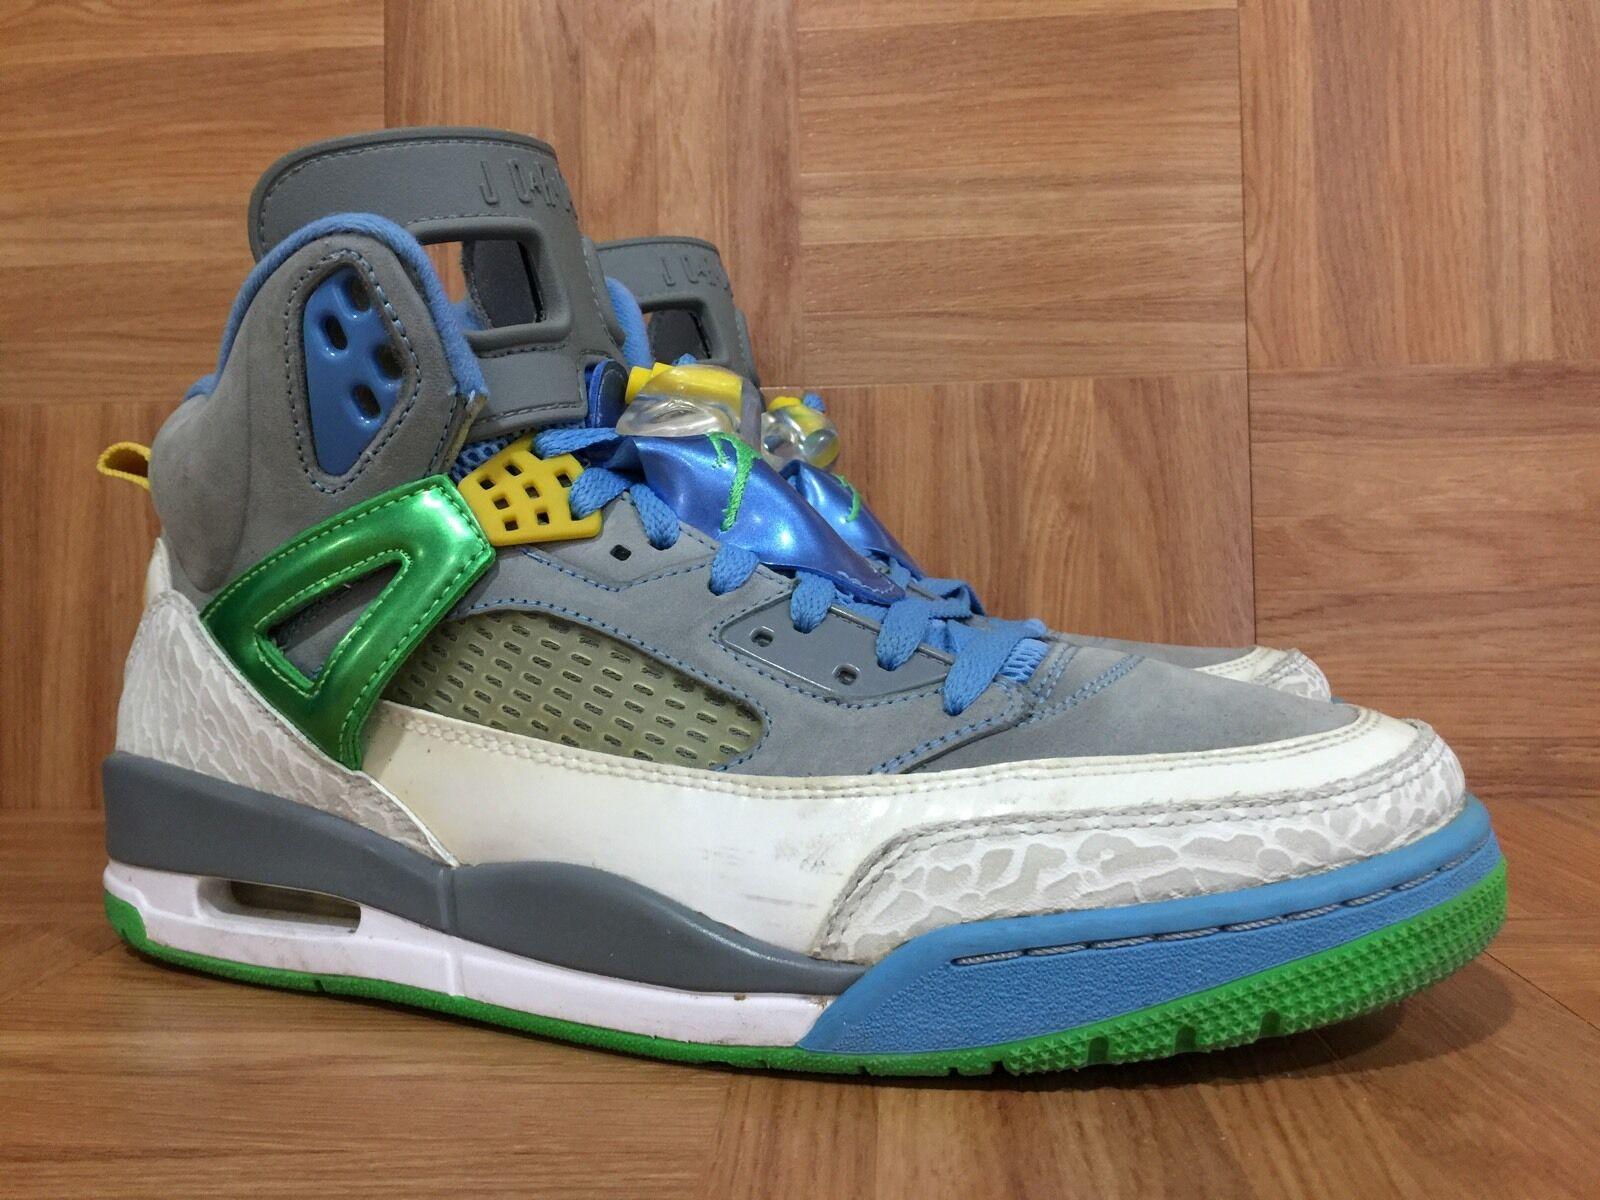 RARE� Nike Green Air Jordan Spizike Stealth Poison Green Nike Blitz 11 Easter 315371-056 ec8163